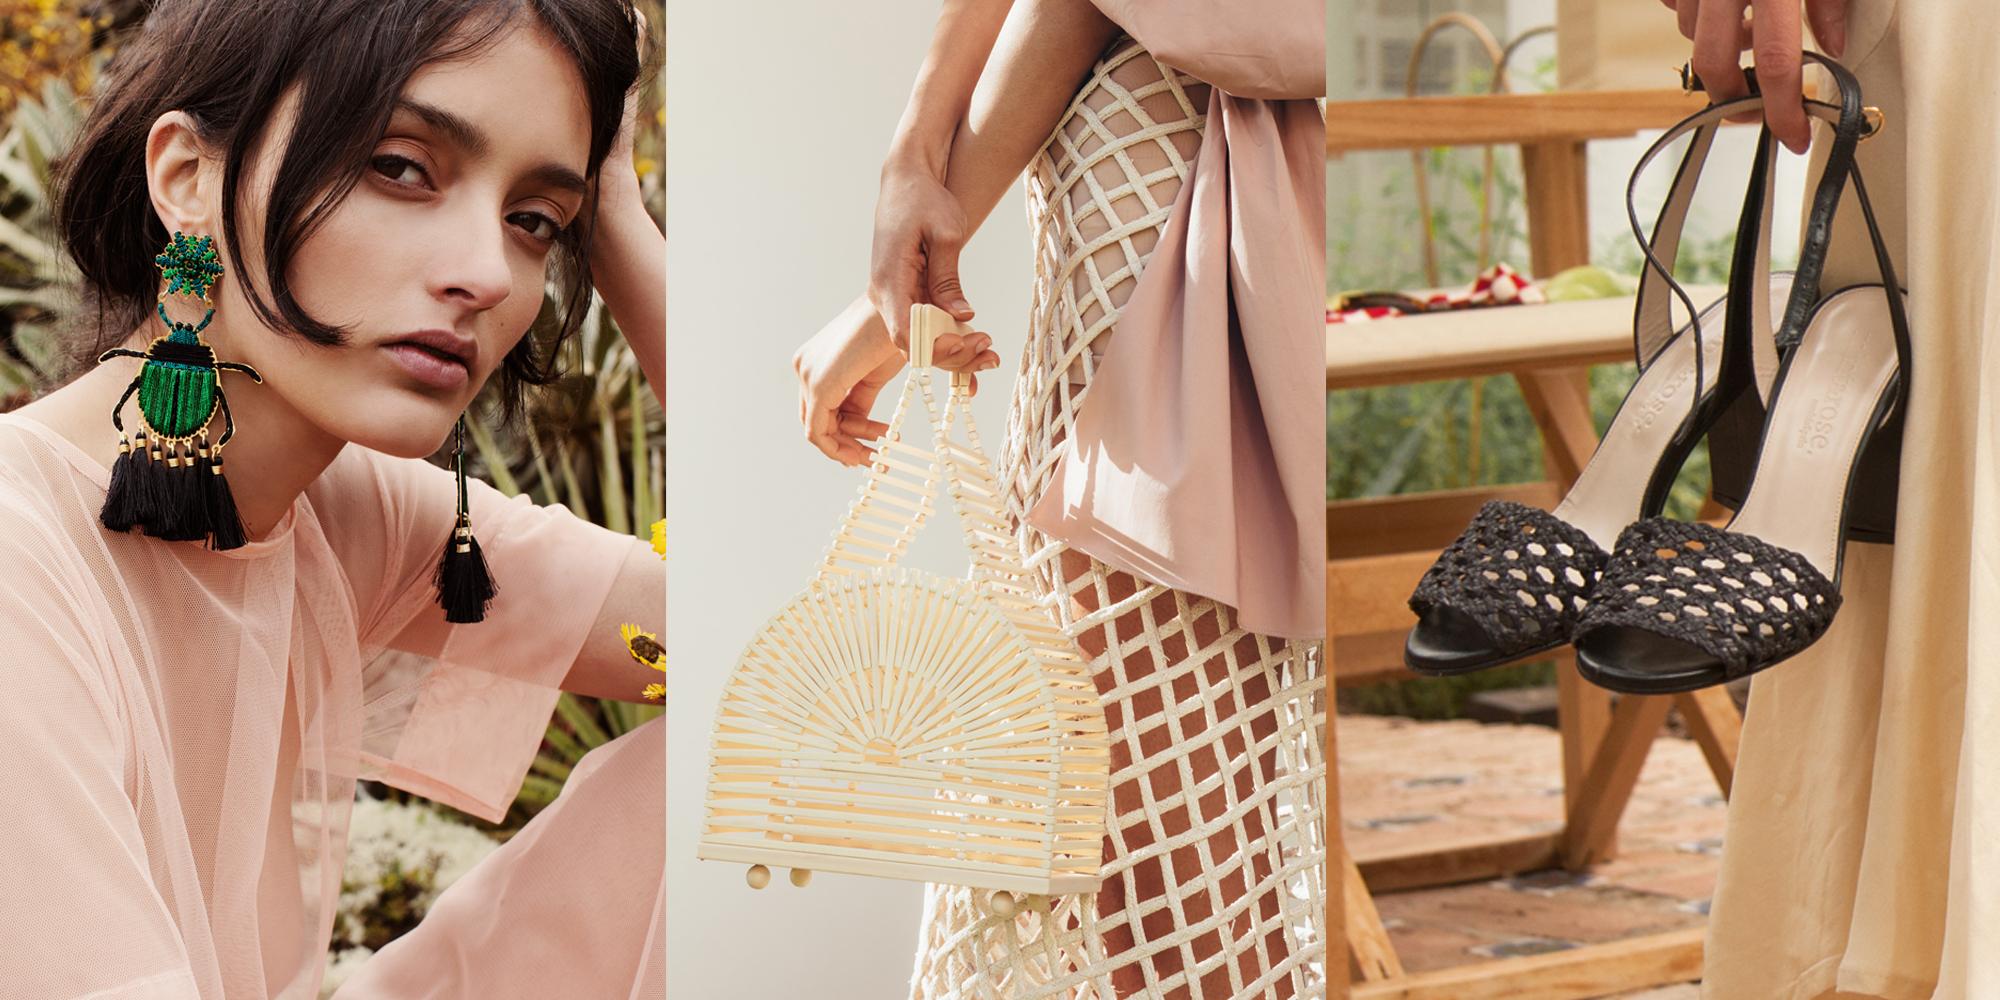 f9efe5025227 Las marcas de moda apuestan por la artesanía - Artesanía como contraataque  en la era del low cost